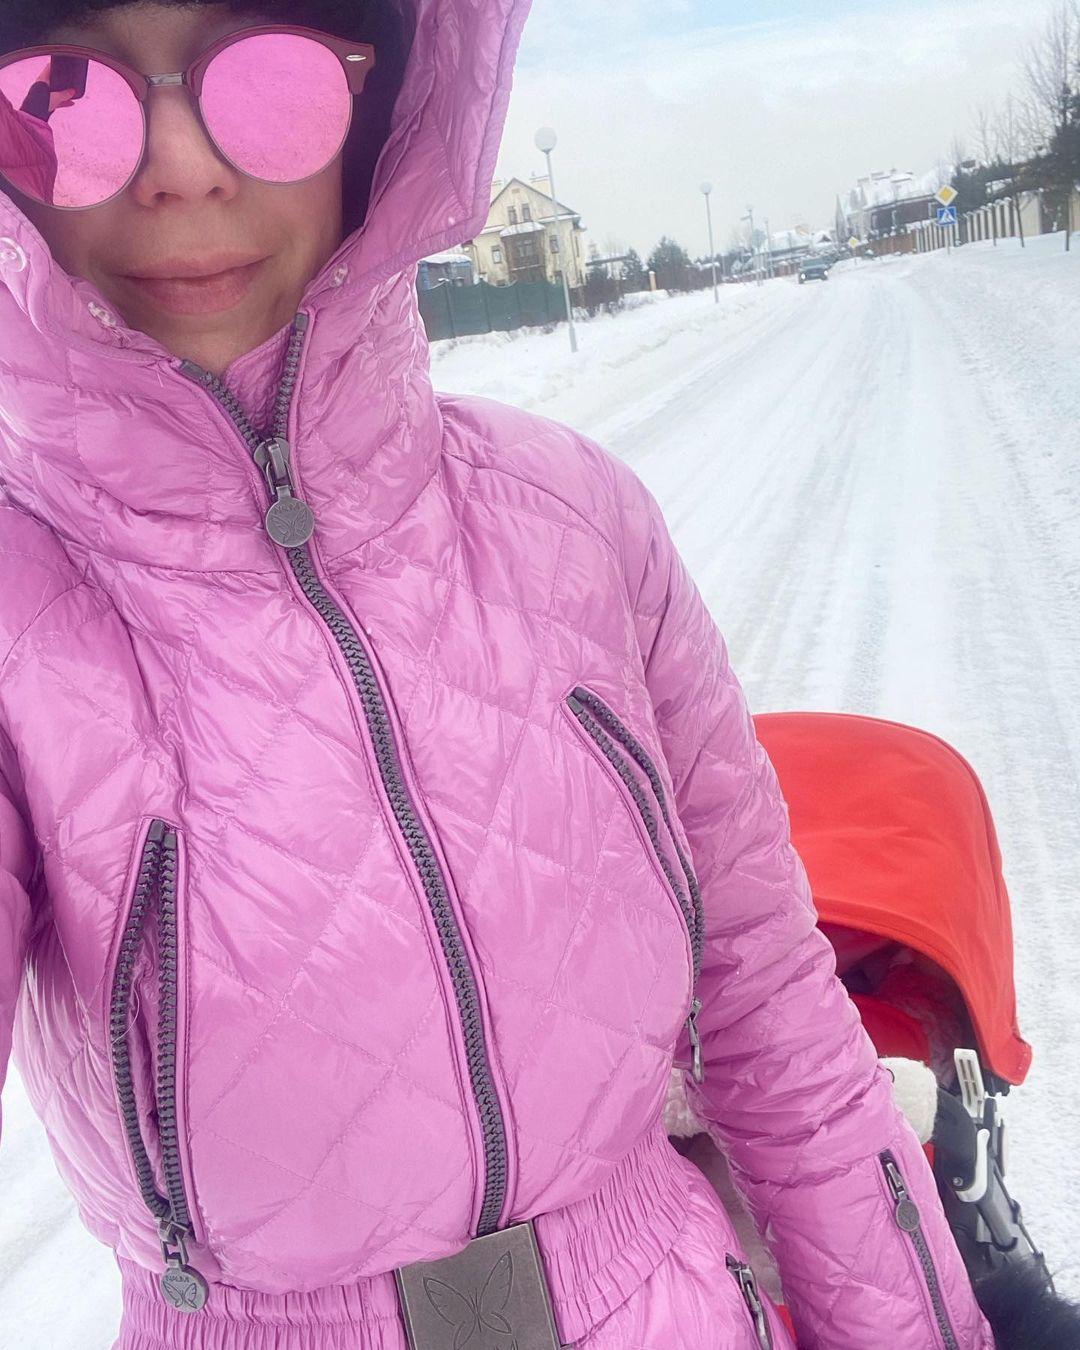 Наталья Подольская намерена вернуться к работе, несмотря на 4-месячного ребёнка